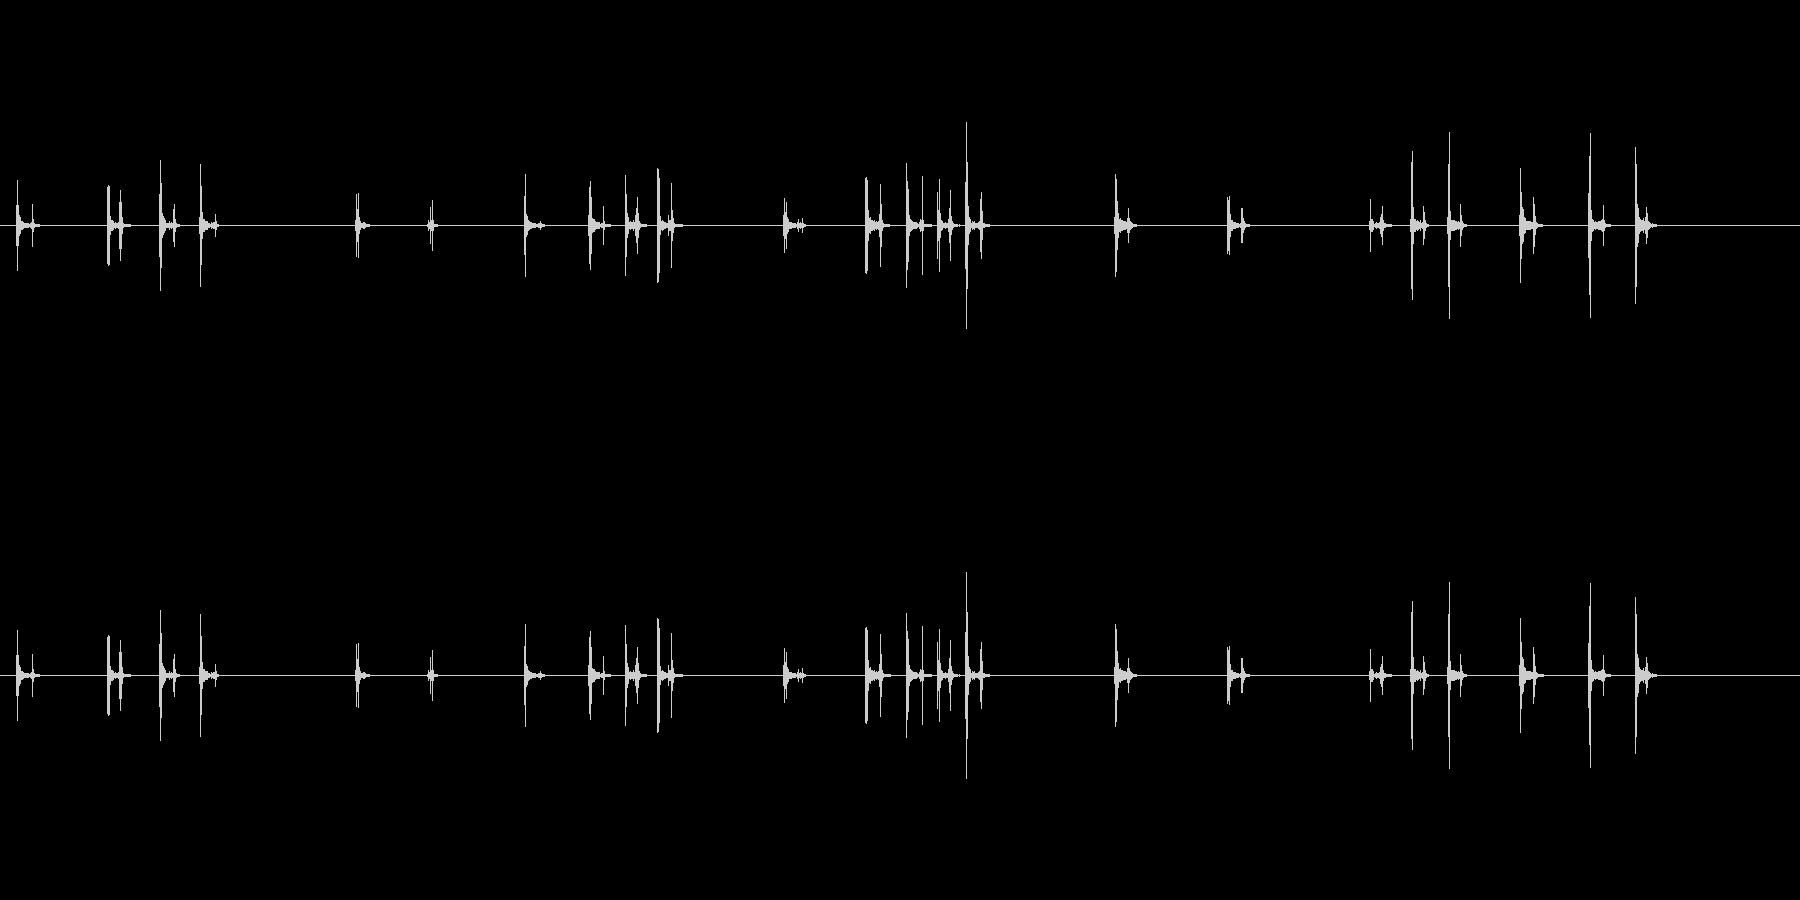 PC キーボード05-07(方向)の未再生の波形